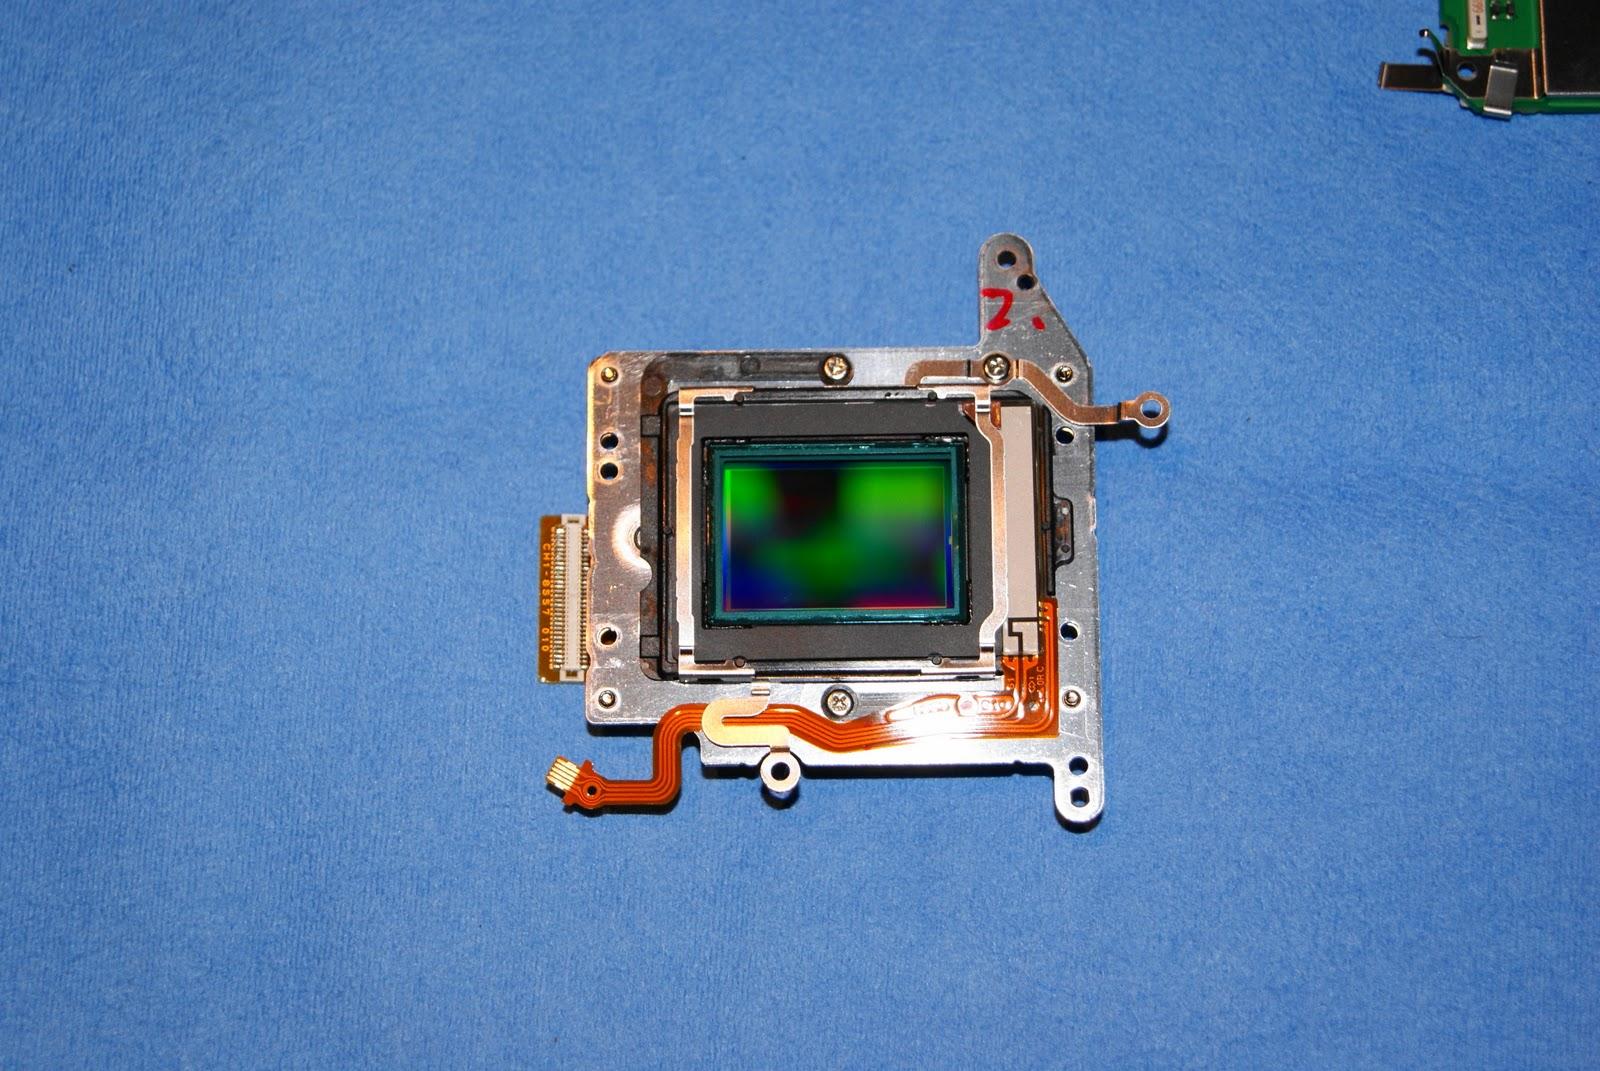 Eos 750 D Filtr Total Canon 750d Kit Ef S18 55mm Is Stm Eos750d Jual Slr Dengan Harga Rp 8070000 Dari Toko